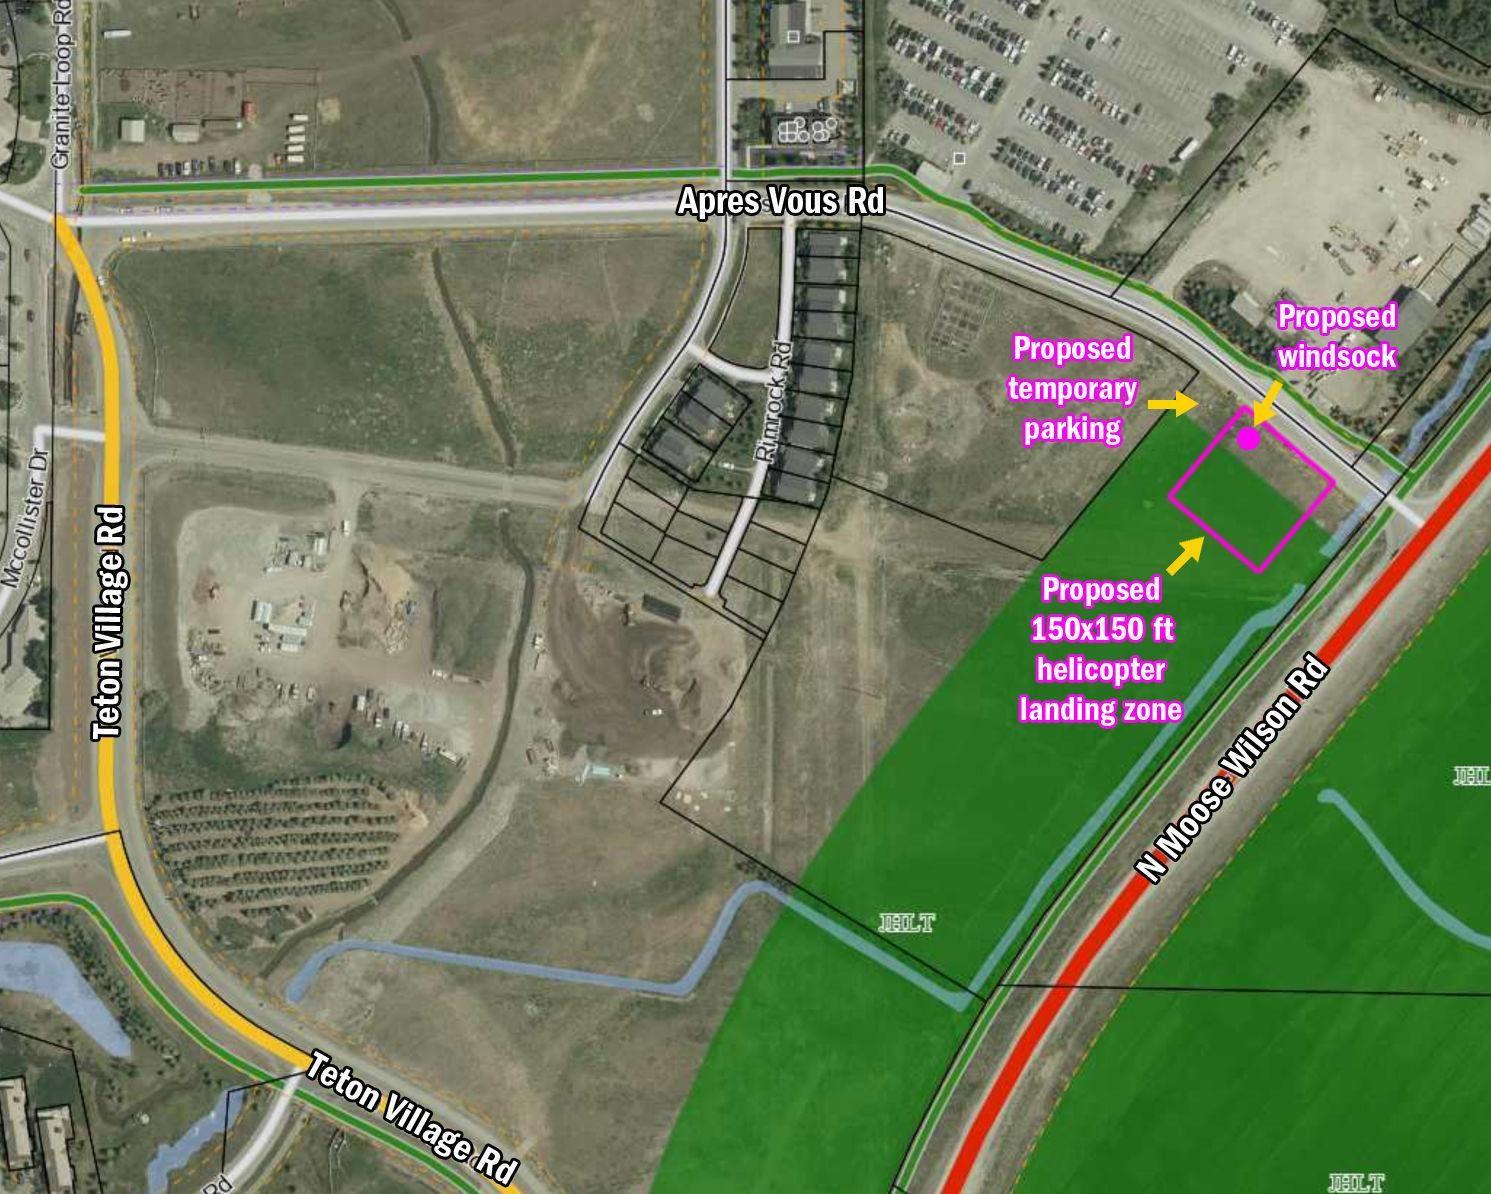 Emergency helipad proposed for Village Jackson Hole News